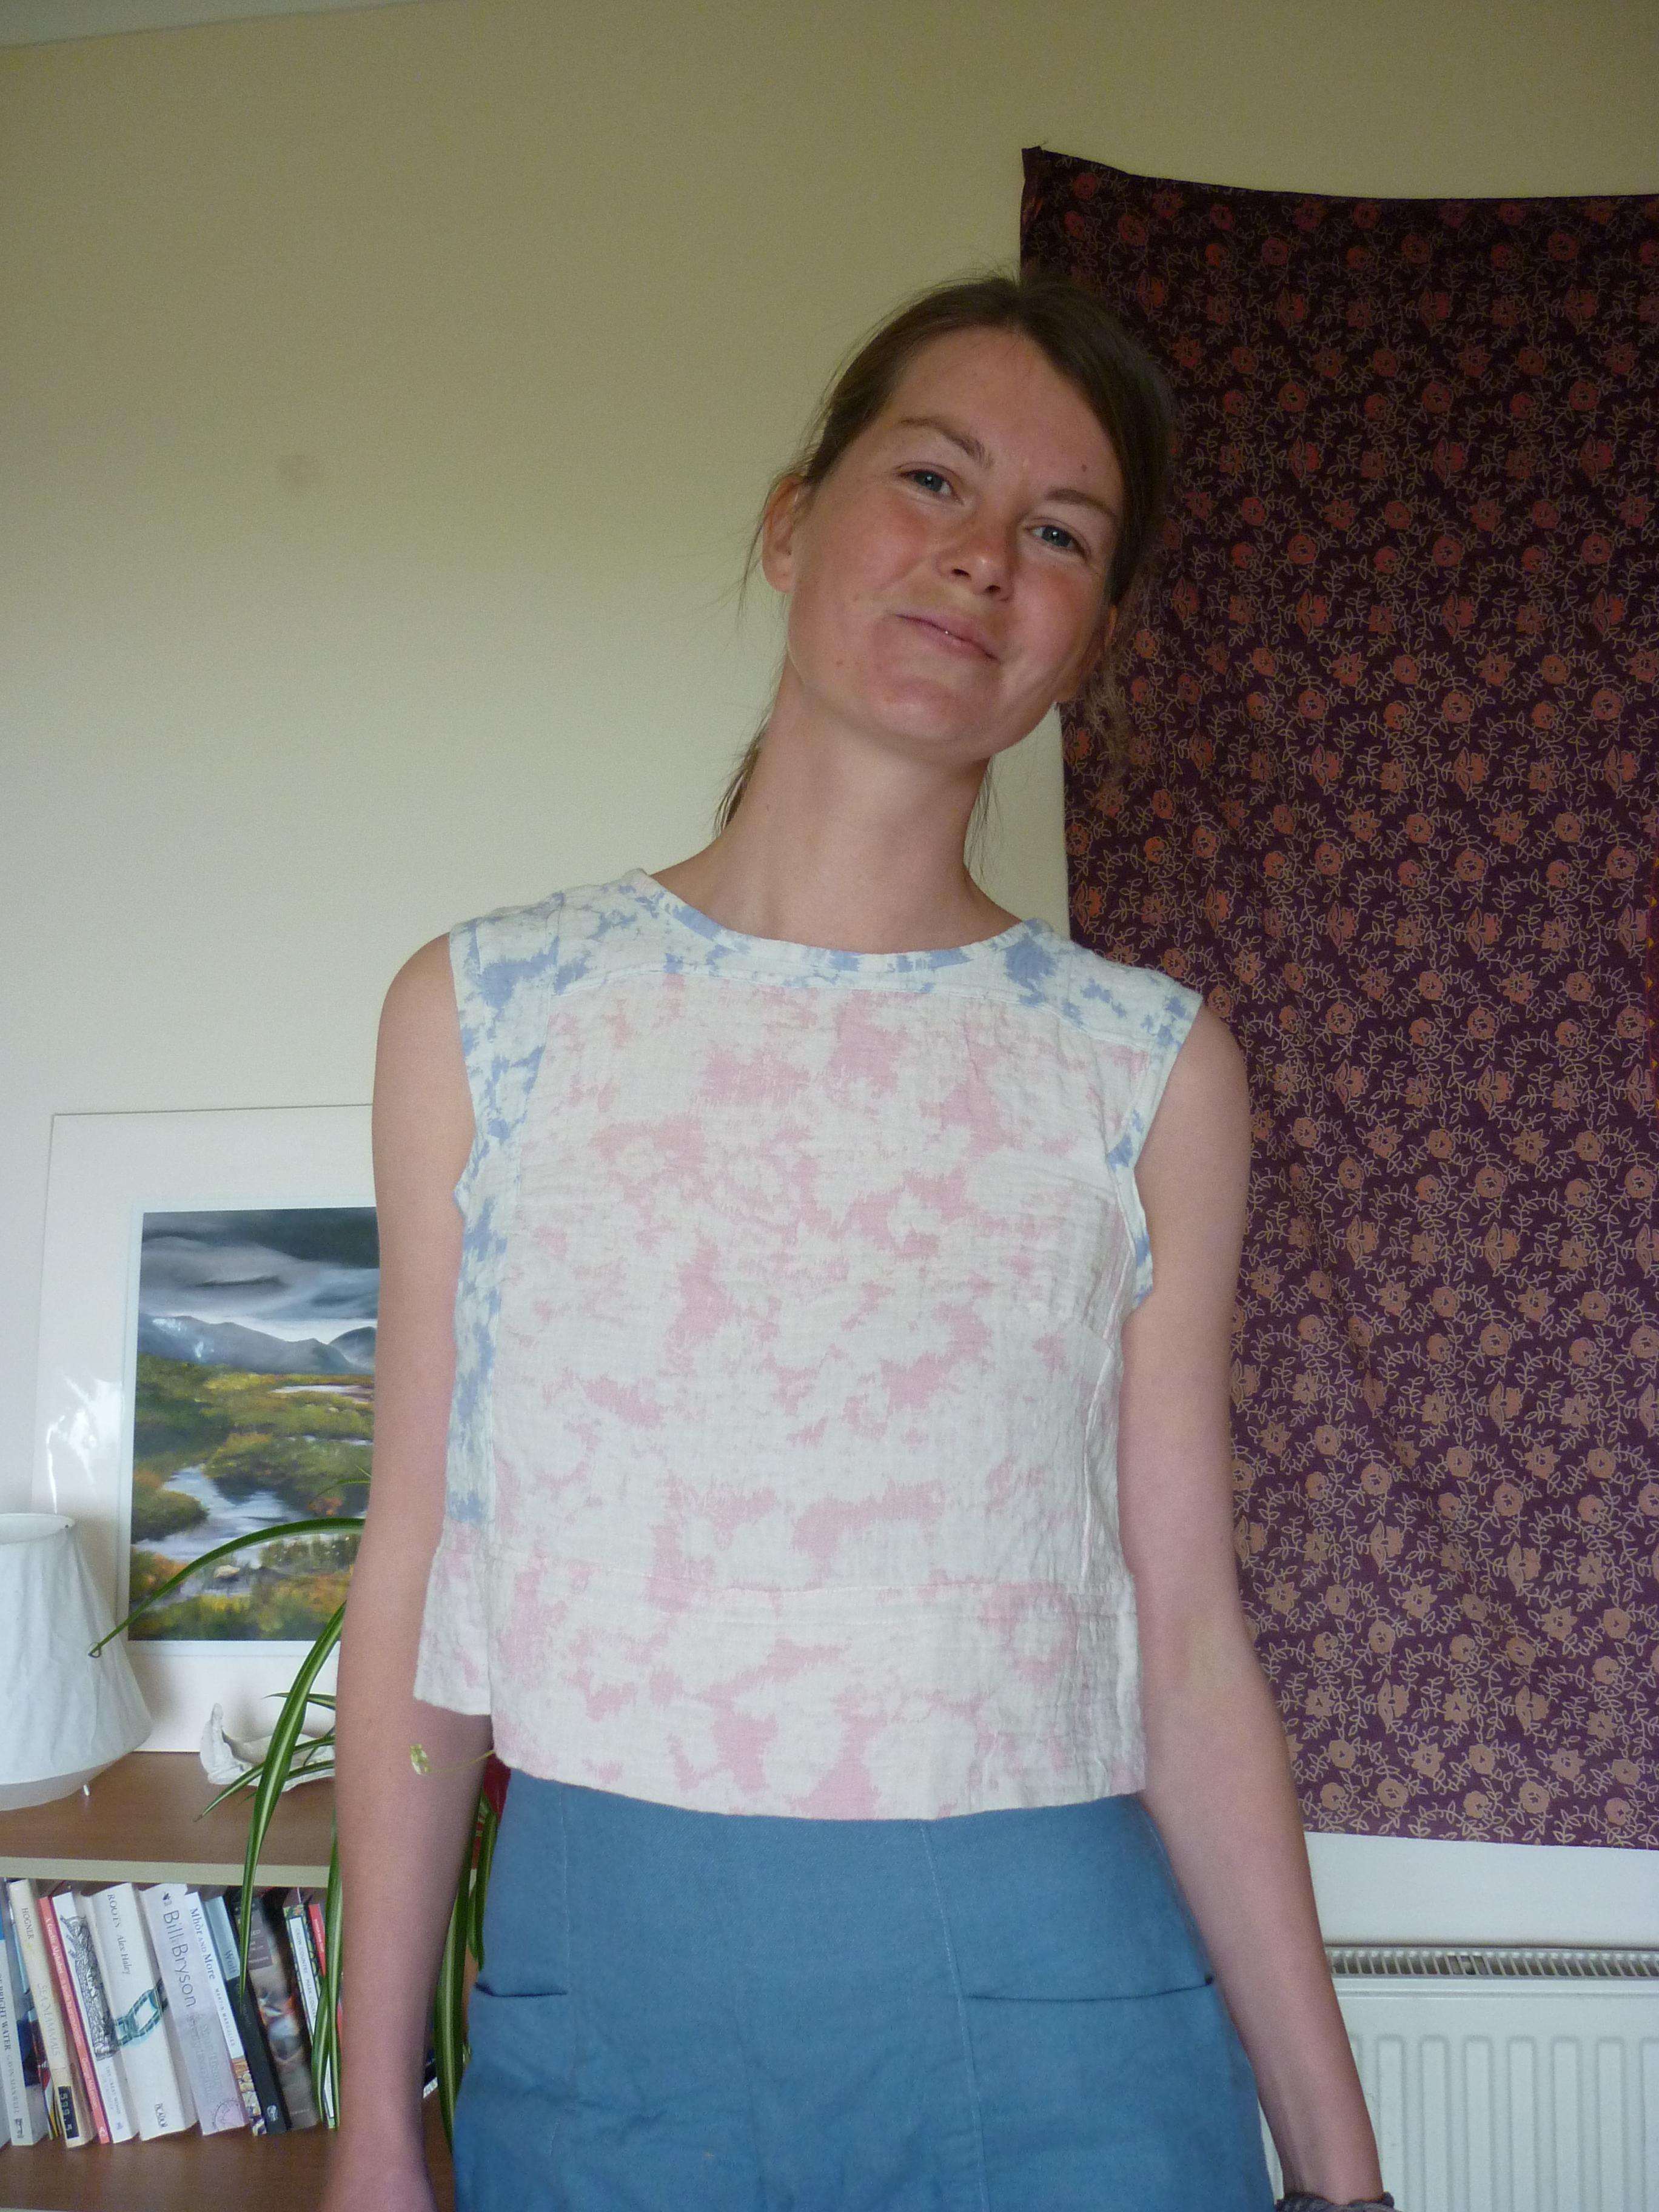 New Look 6459 www.heatherymakes.wordpress (3)